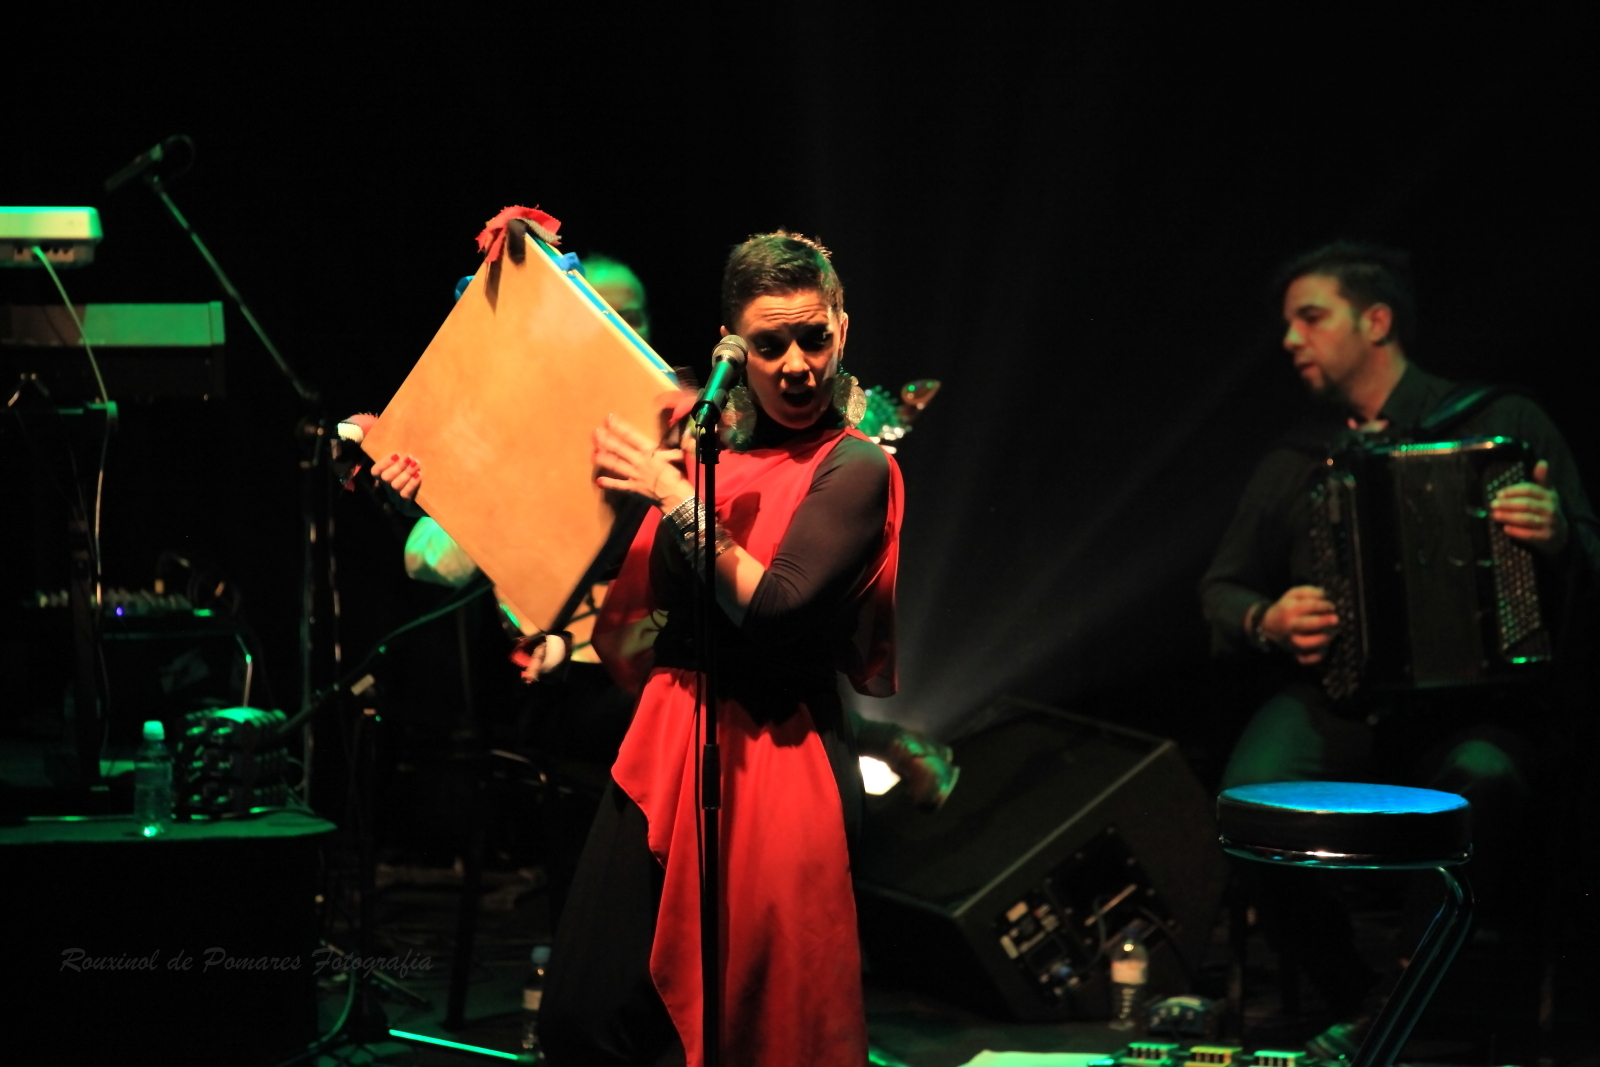 Concerto Ana Laíns Olga Cadaval (001)